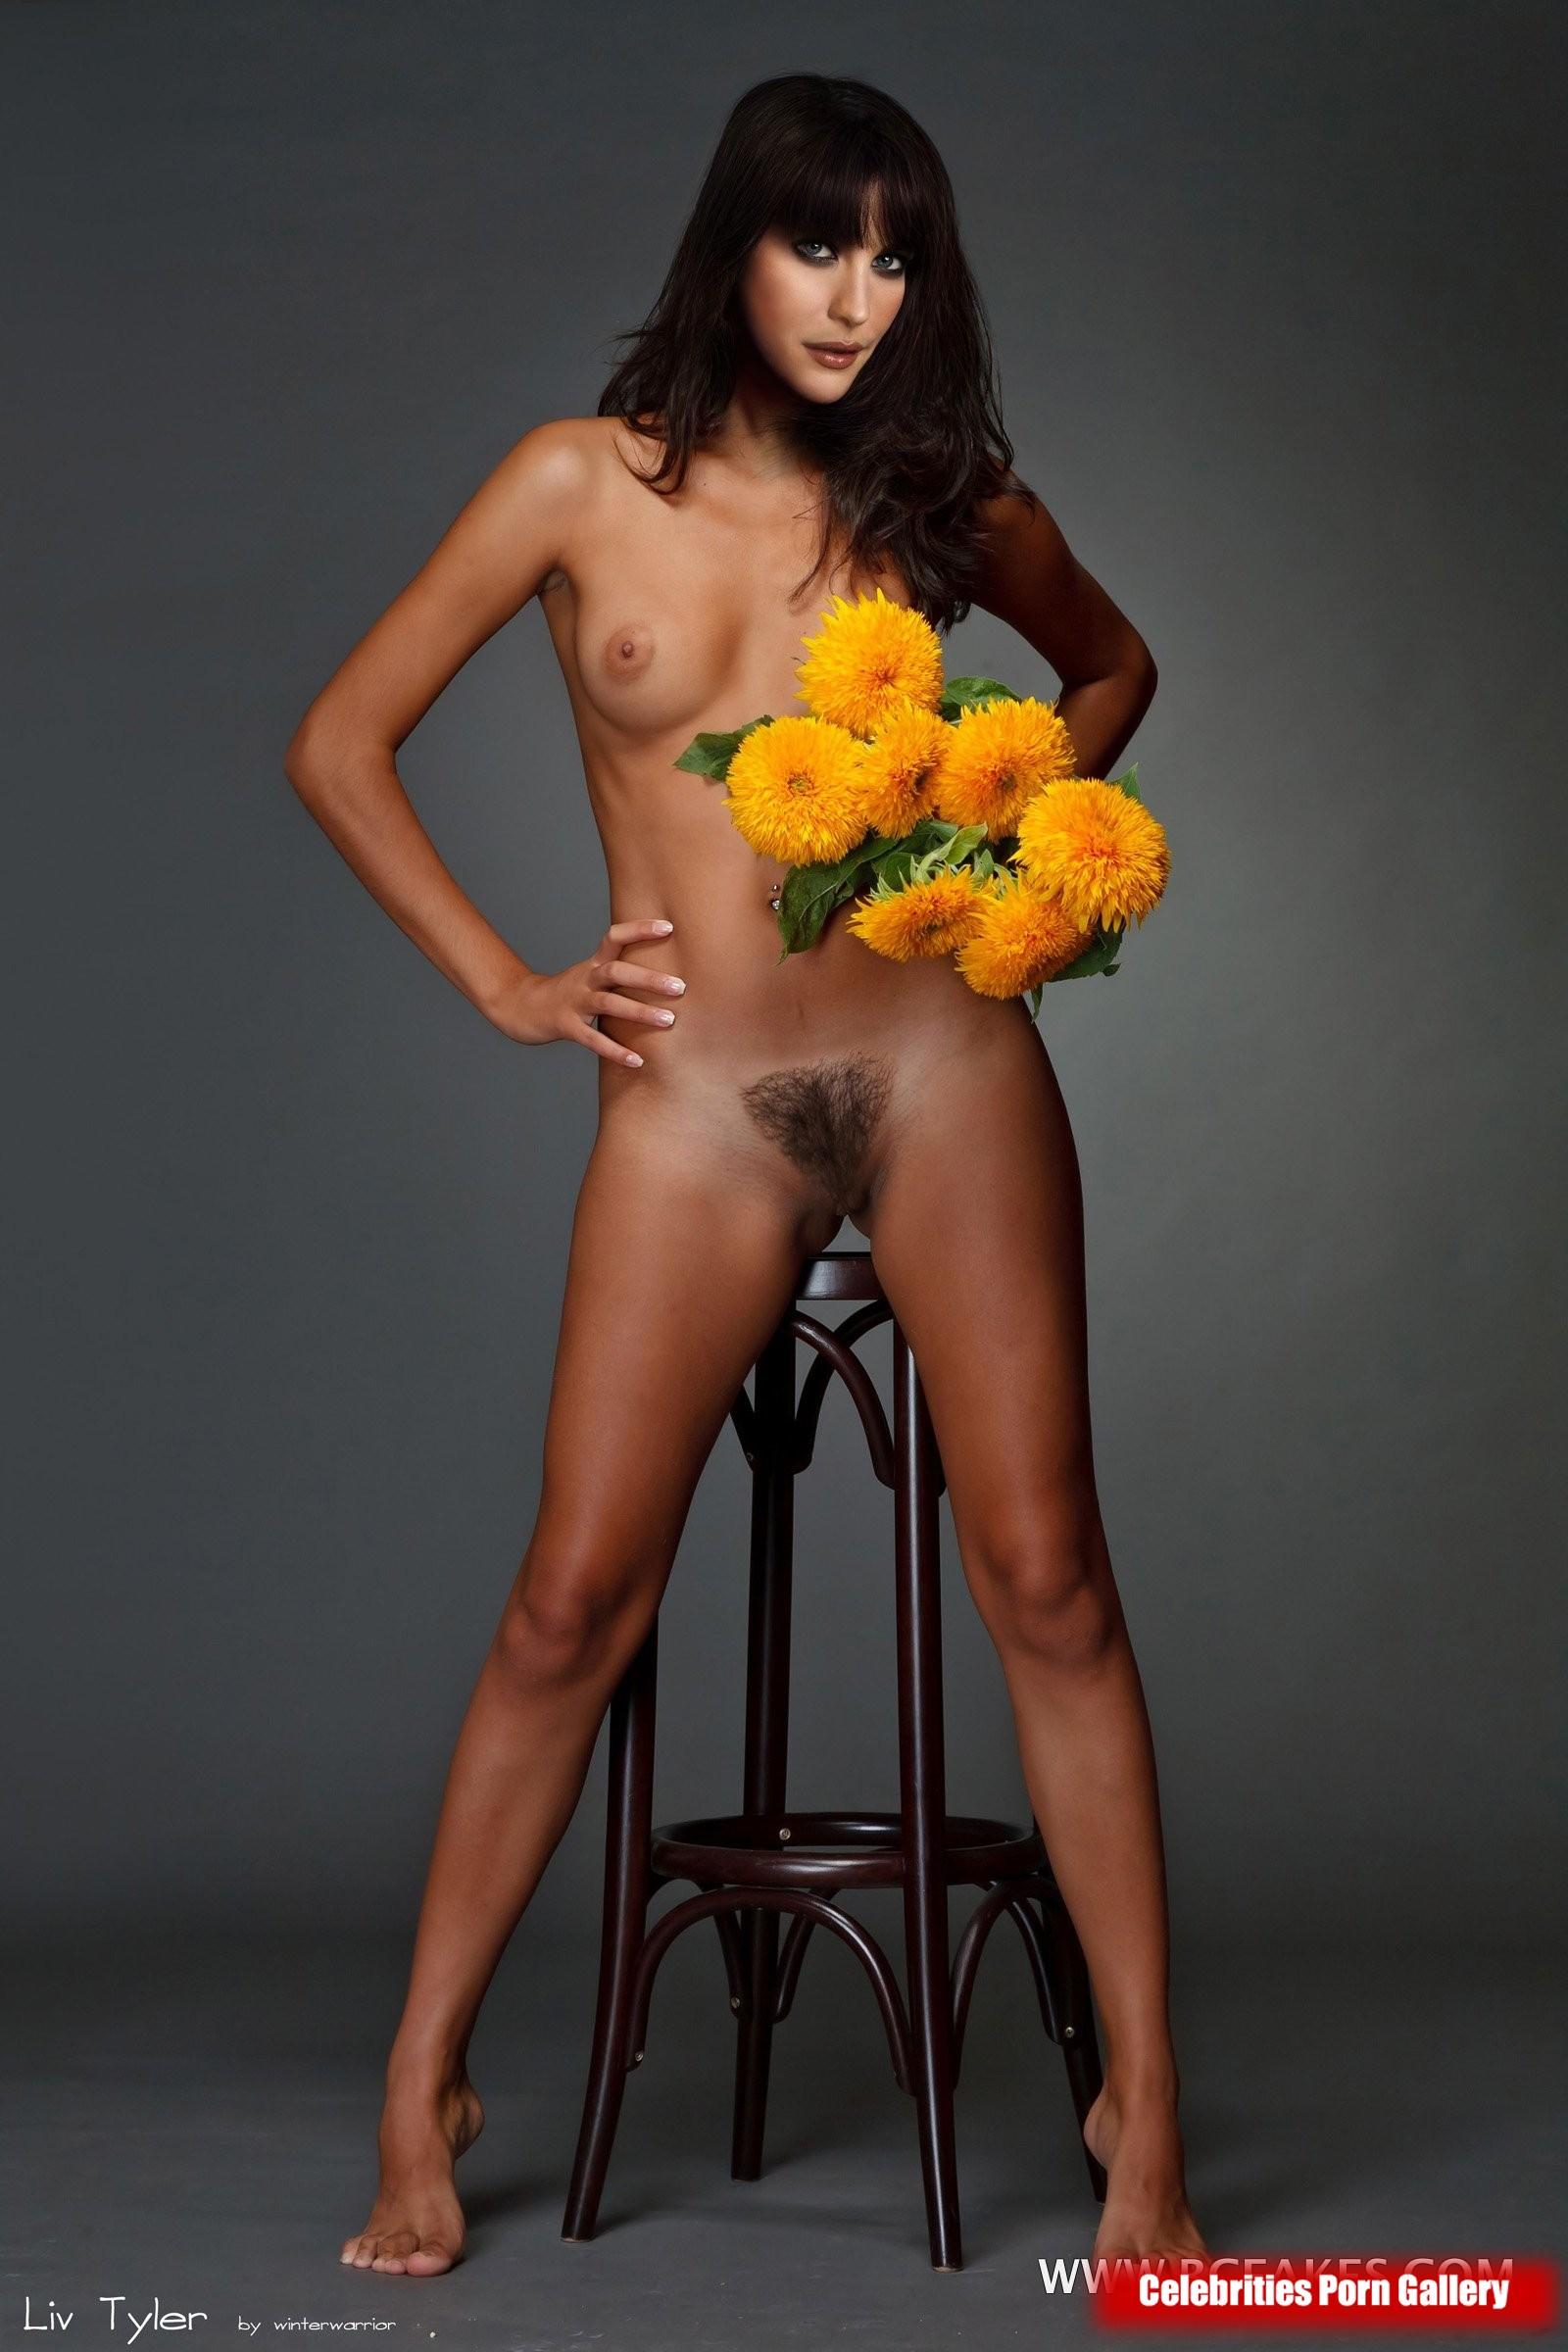 adrienne janic nude